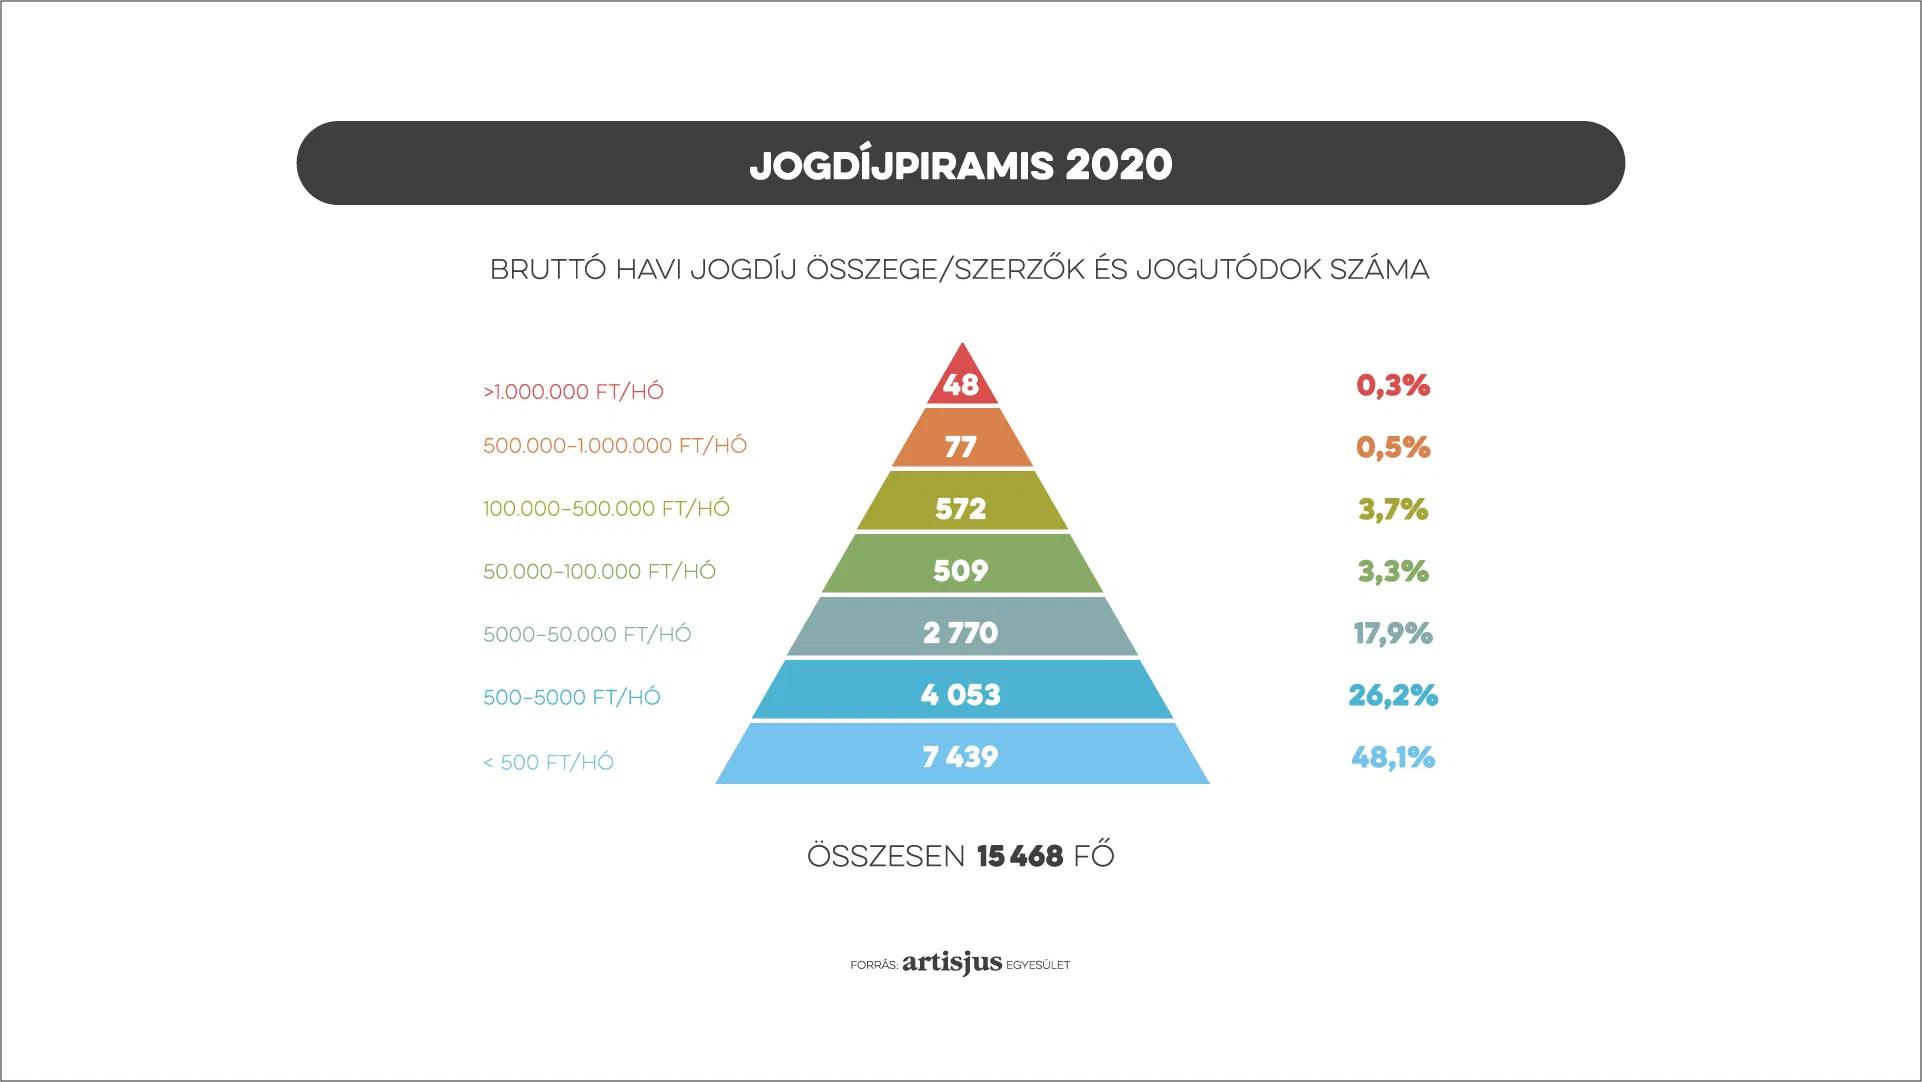 jogdijpiramis_2020.jpg